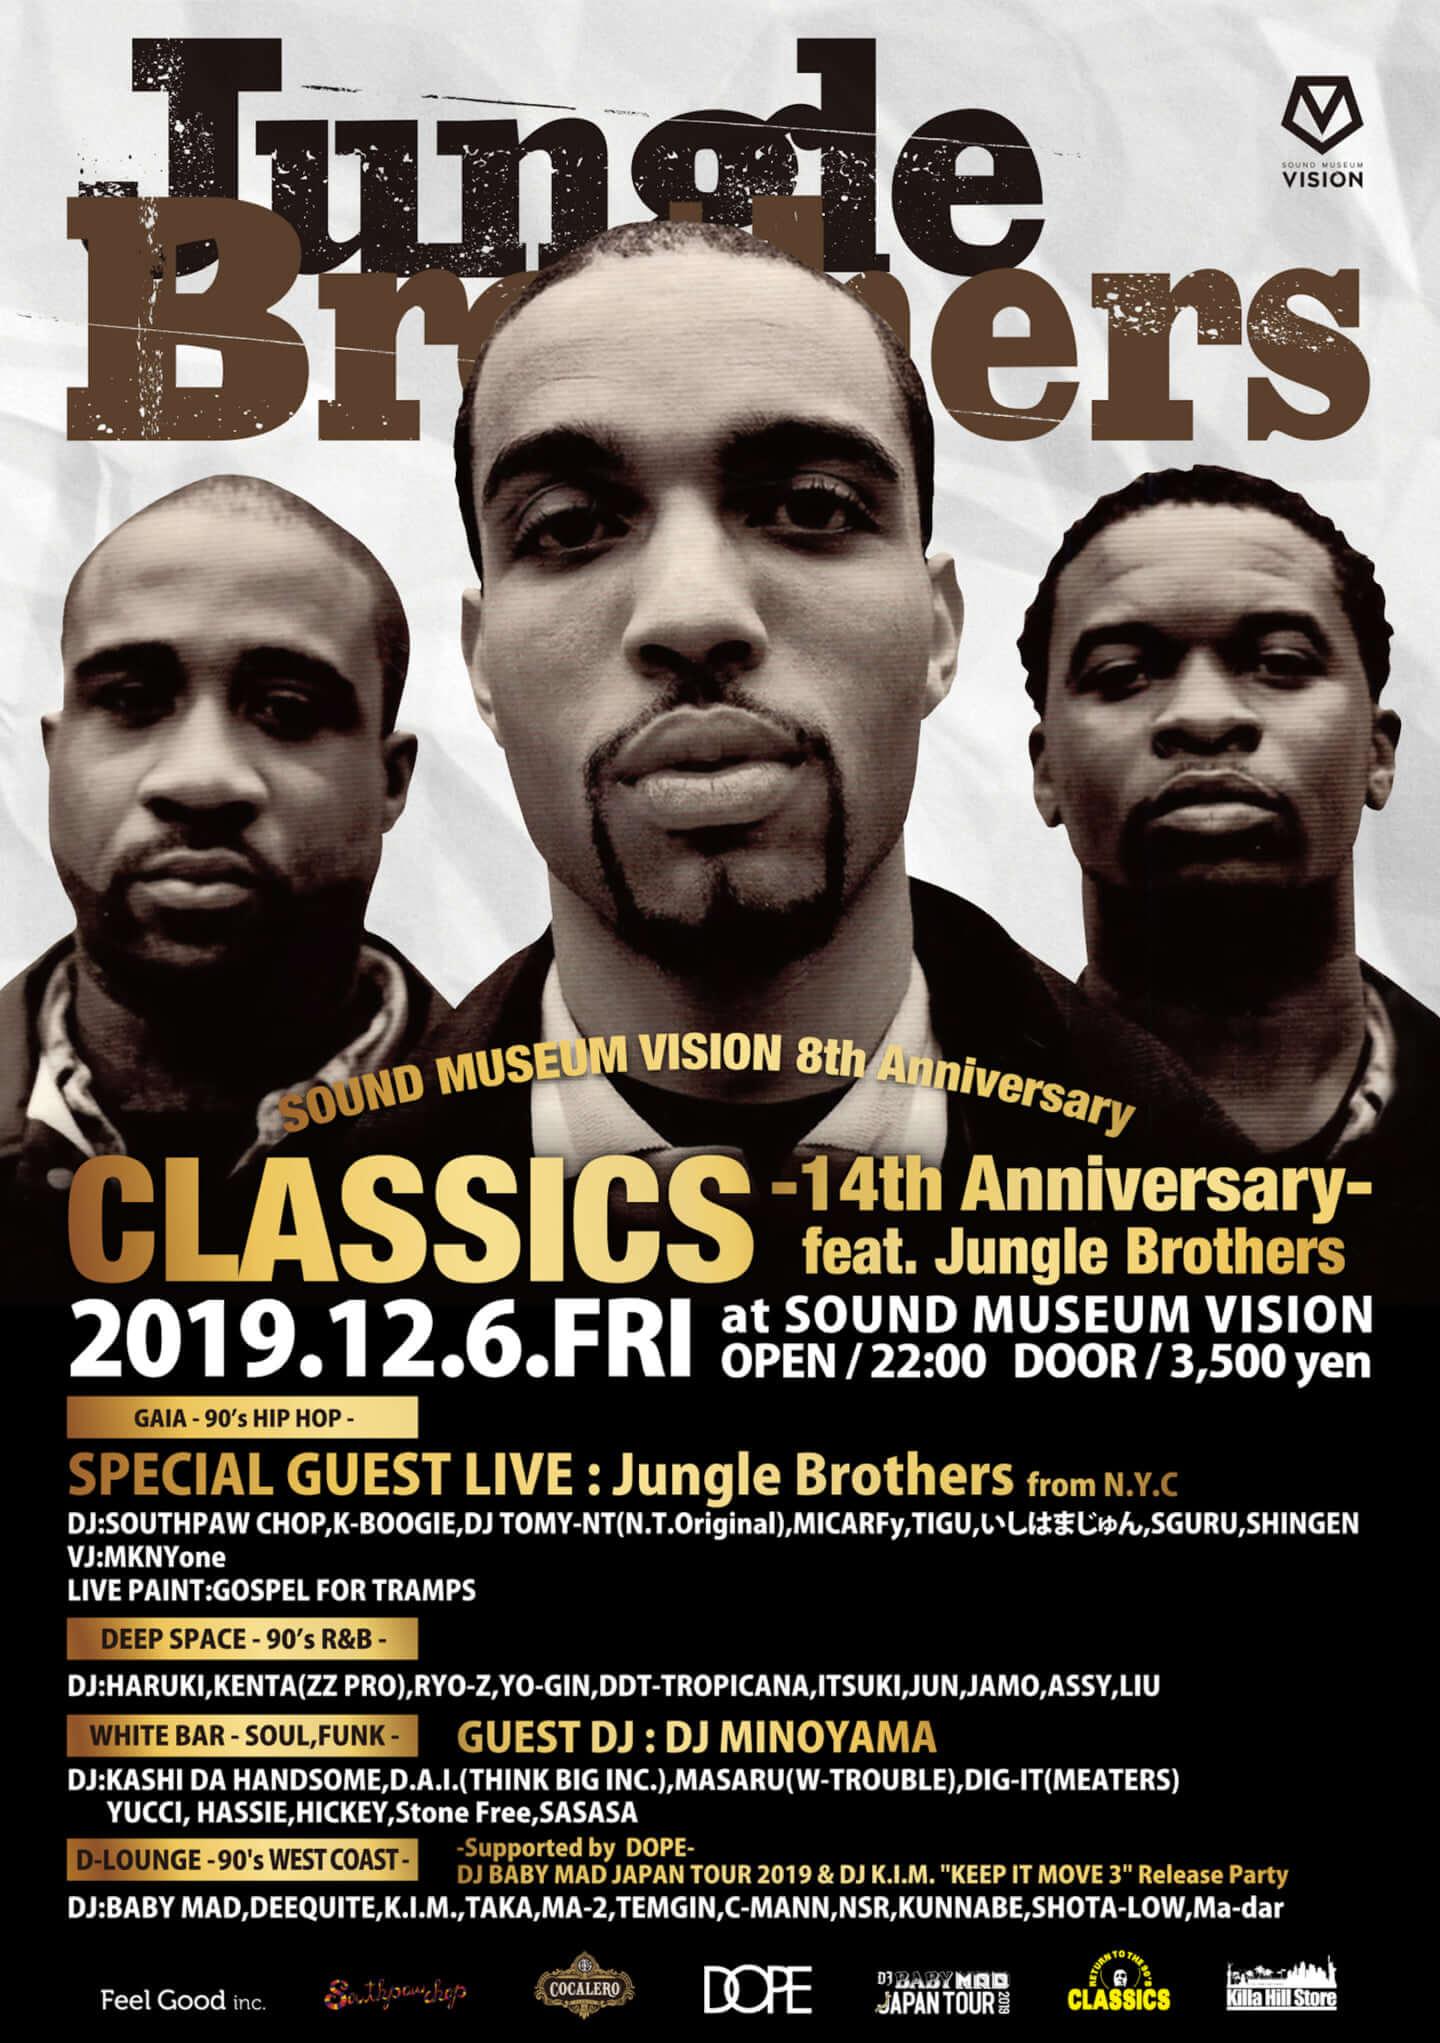 渋谷VISIONのヒップホップを代表するイベント<CLASSICS>のスペシャルゲストにJUNGLE BROTHERSが登場 a5_1206classics_omote-1440x2043